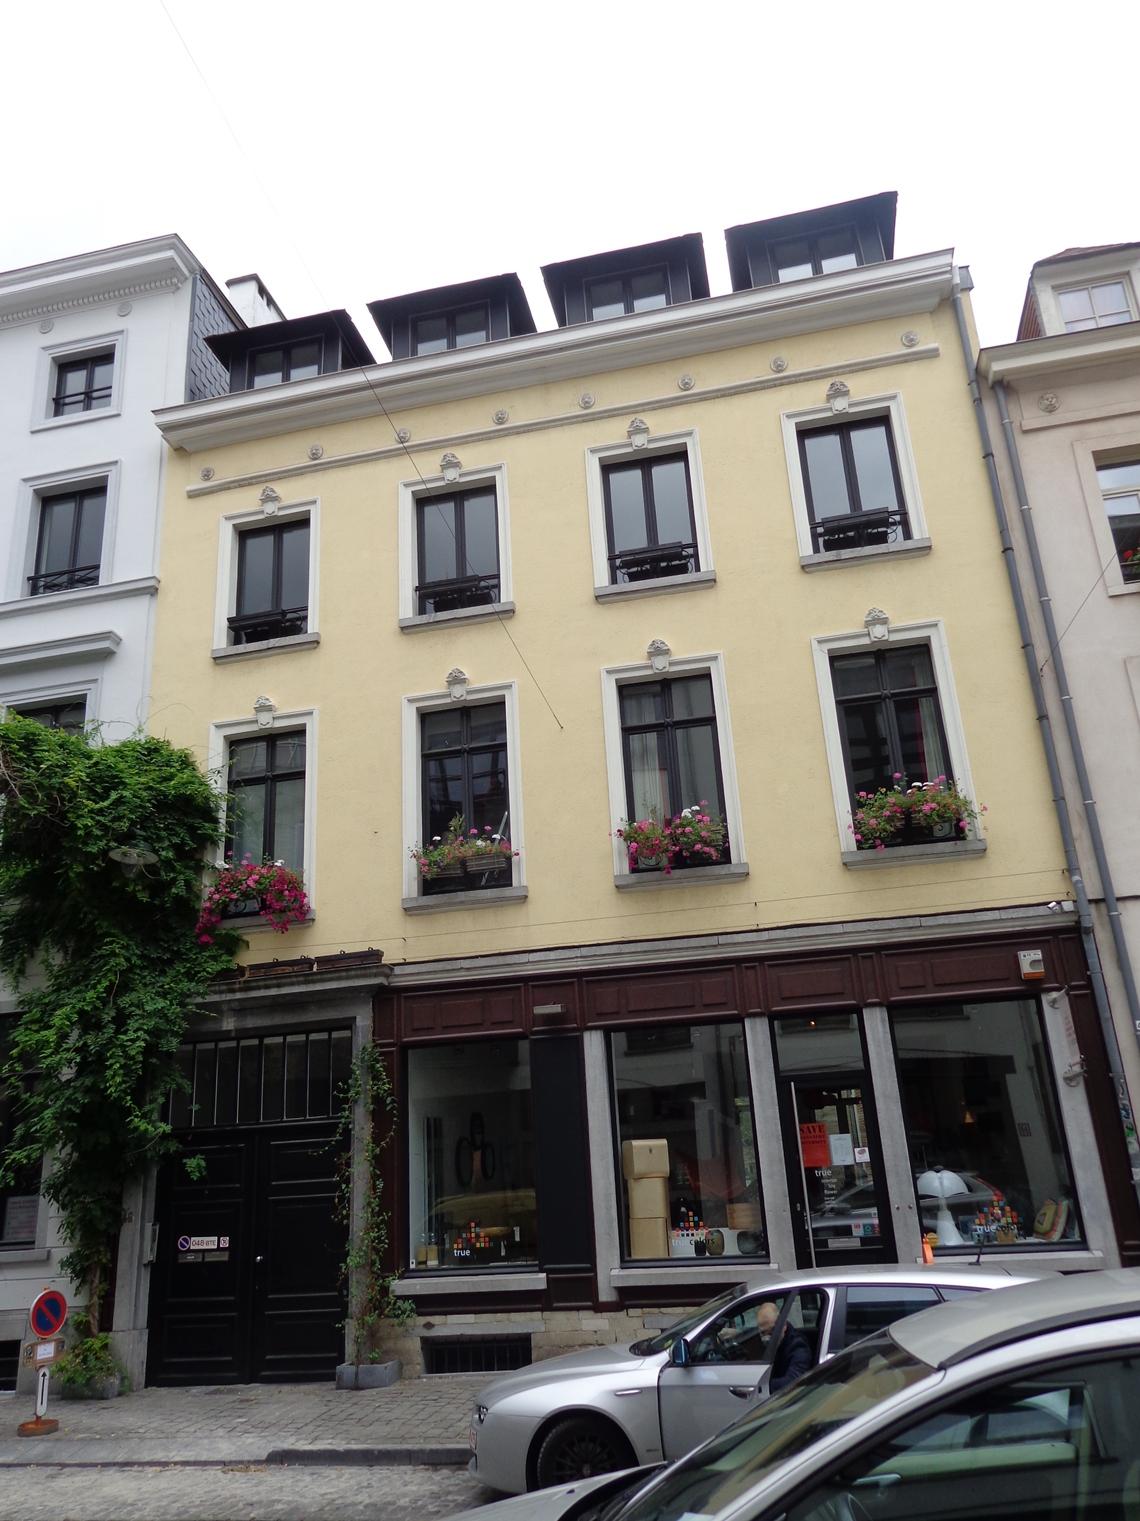 Rue du Vieux Marché aux Grains 48, 2015